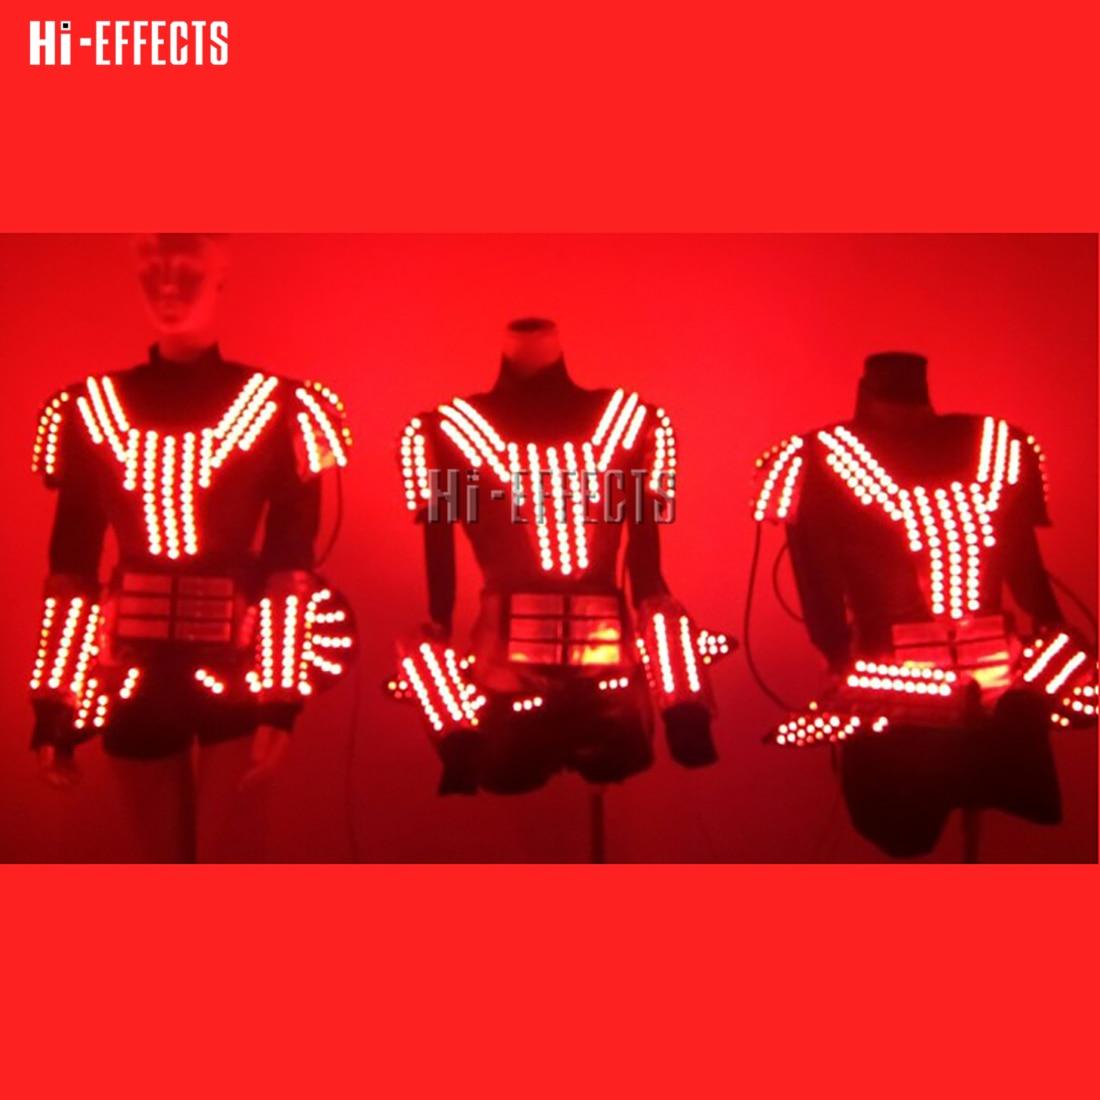 Boże narodzenie LED kostium kobiety ubrania Flash Luminous świecące LED światła Robot garnitury na etapie klub nocny DJ strona dekoracji